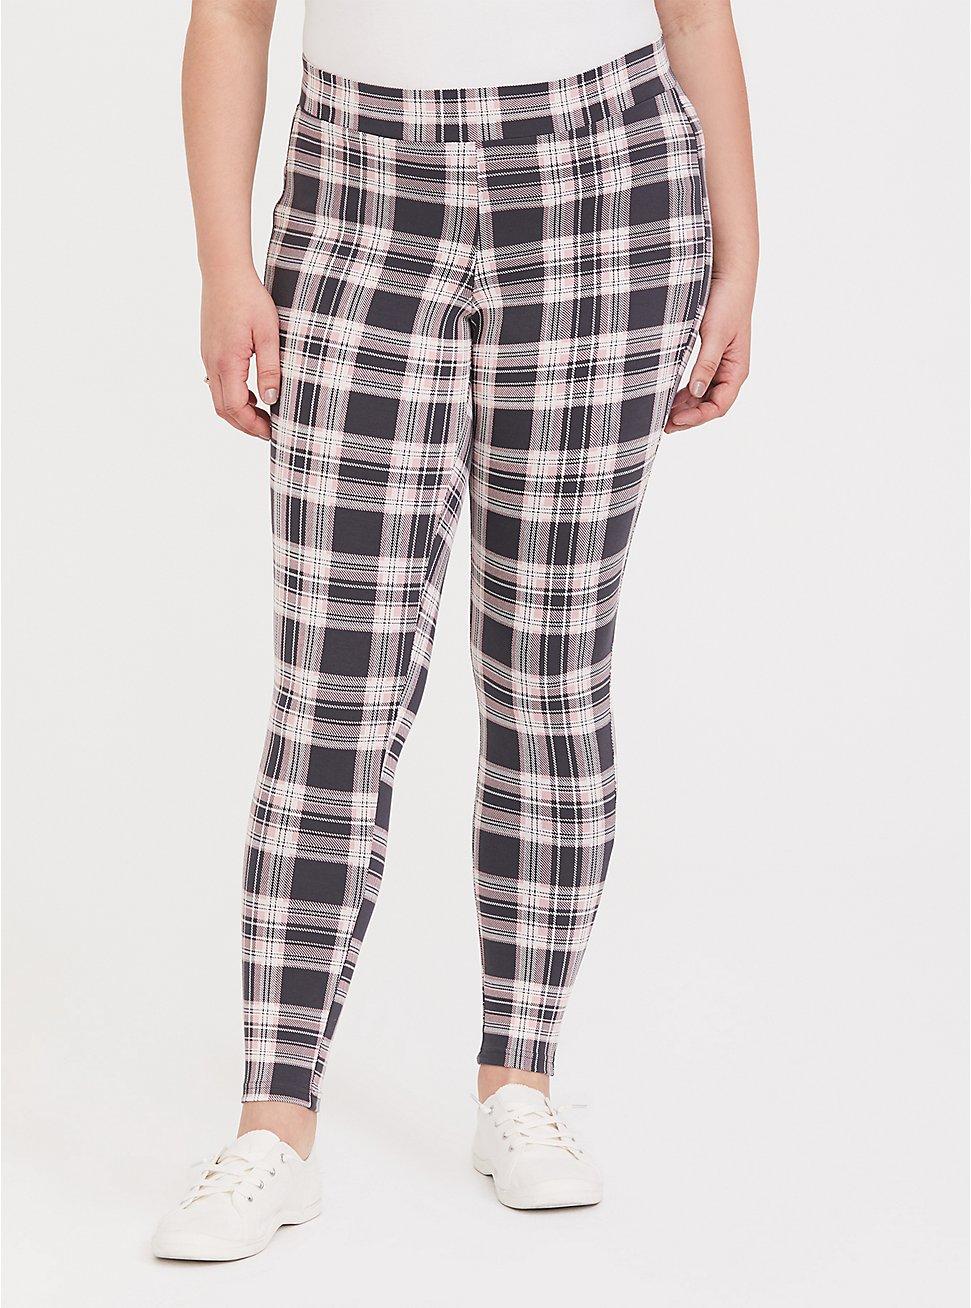 Premium Legging - Plaid Grey & Pink, RETRO PLAID, hi-res